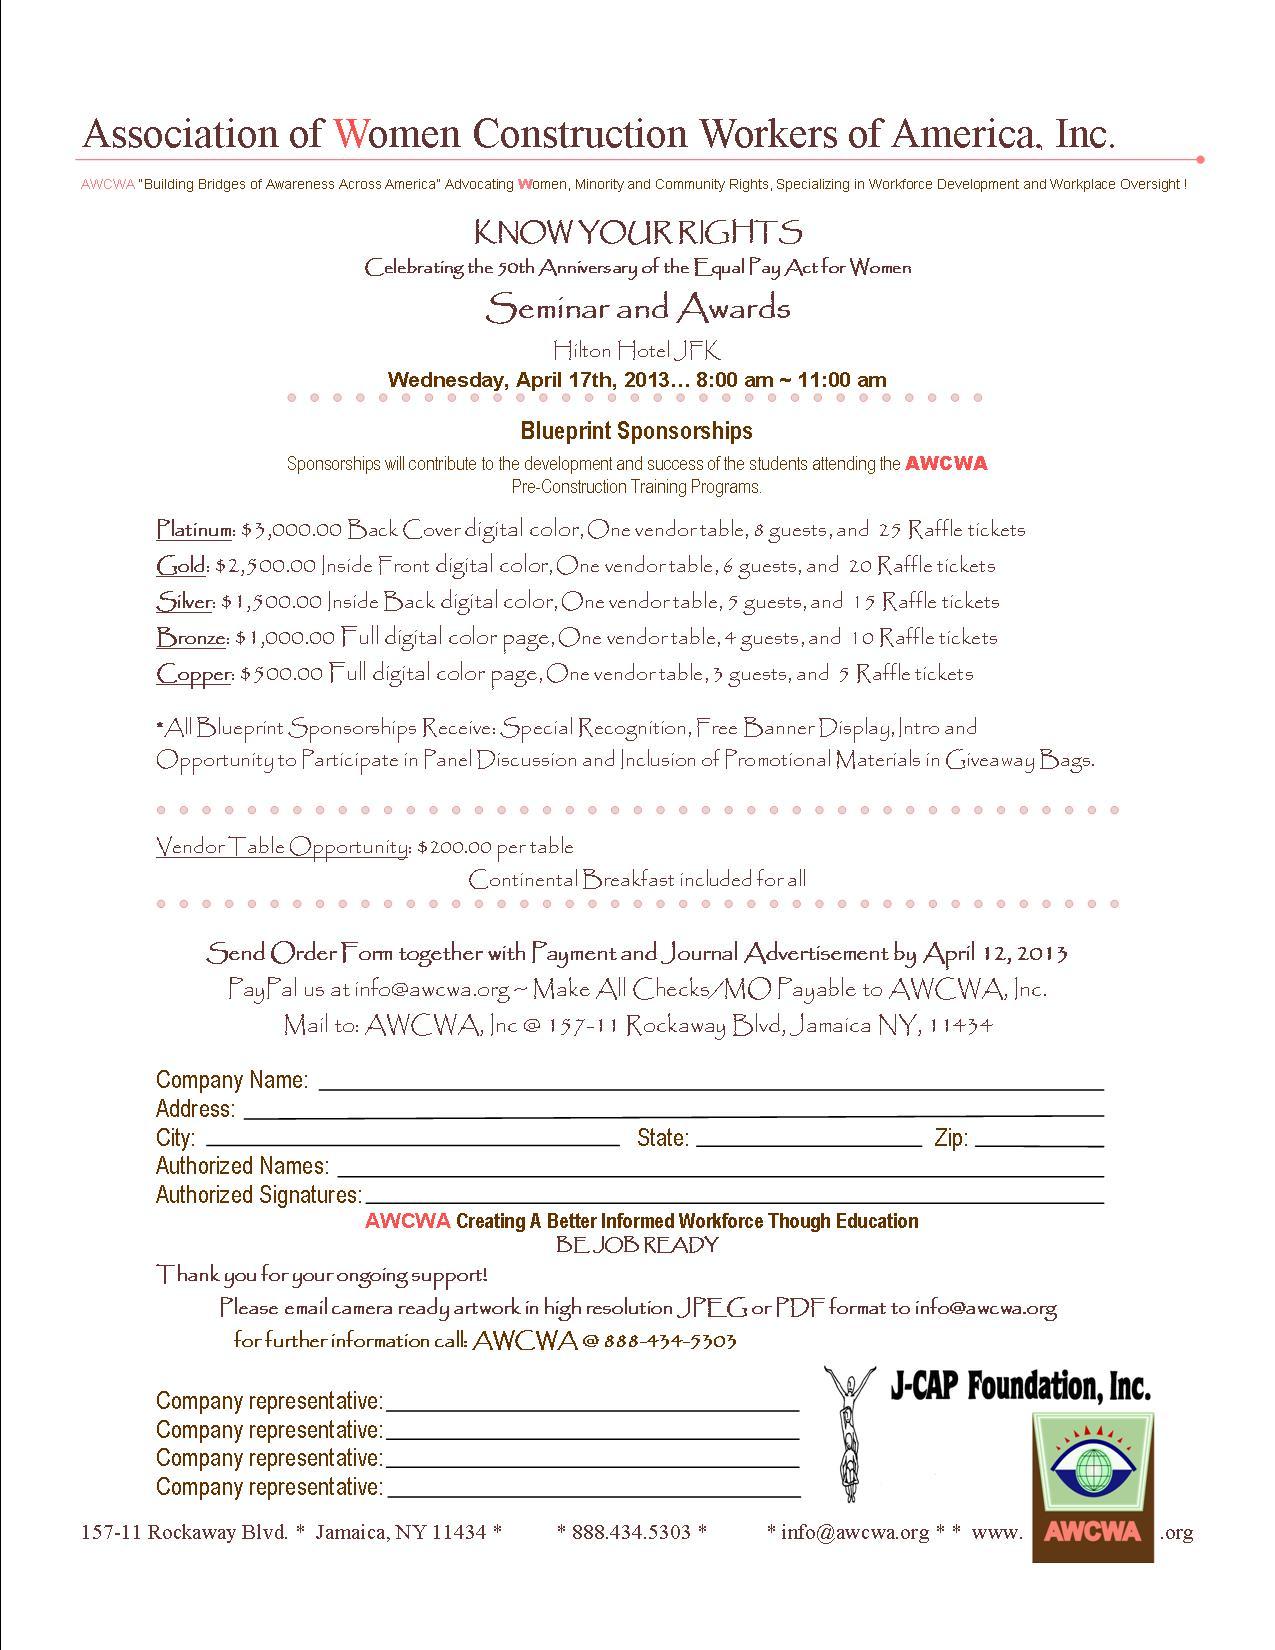 sponsorship flyer w/paypal